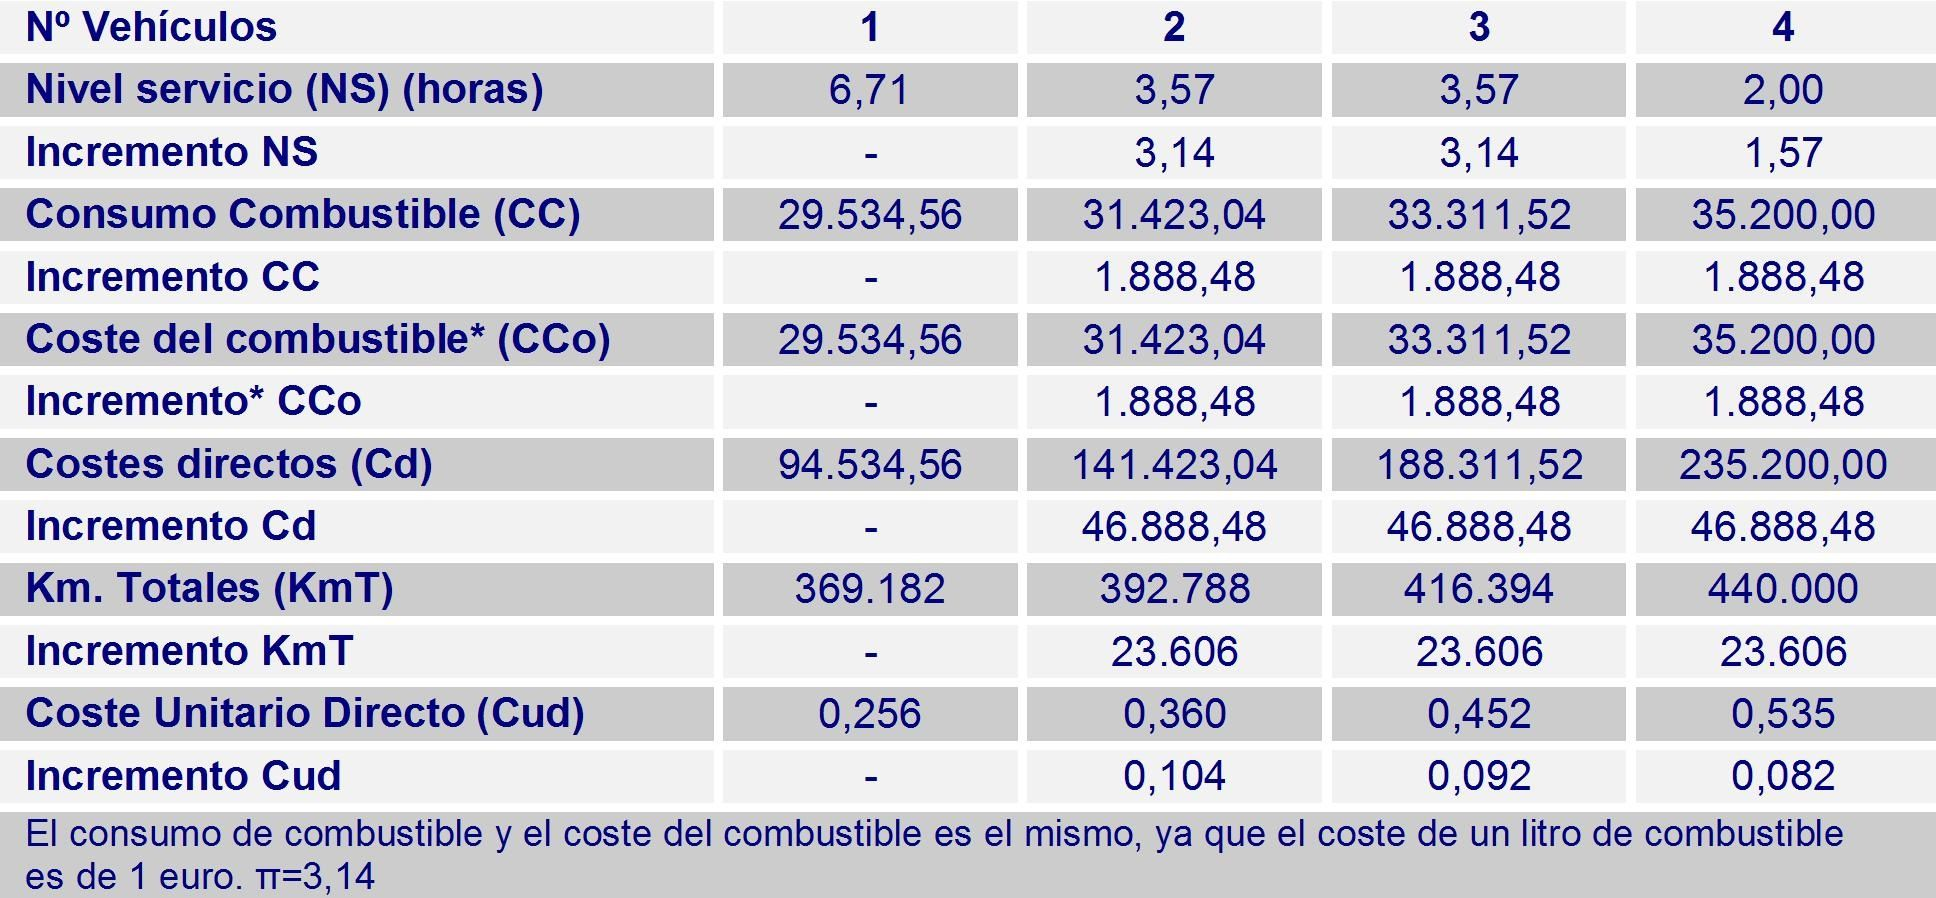 Relación de los costes y el nivel de servicio de la flota de vehículos